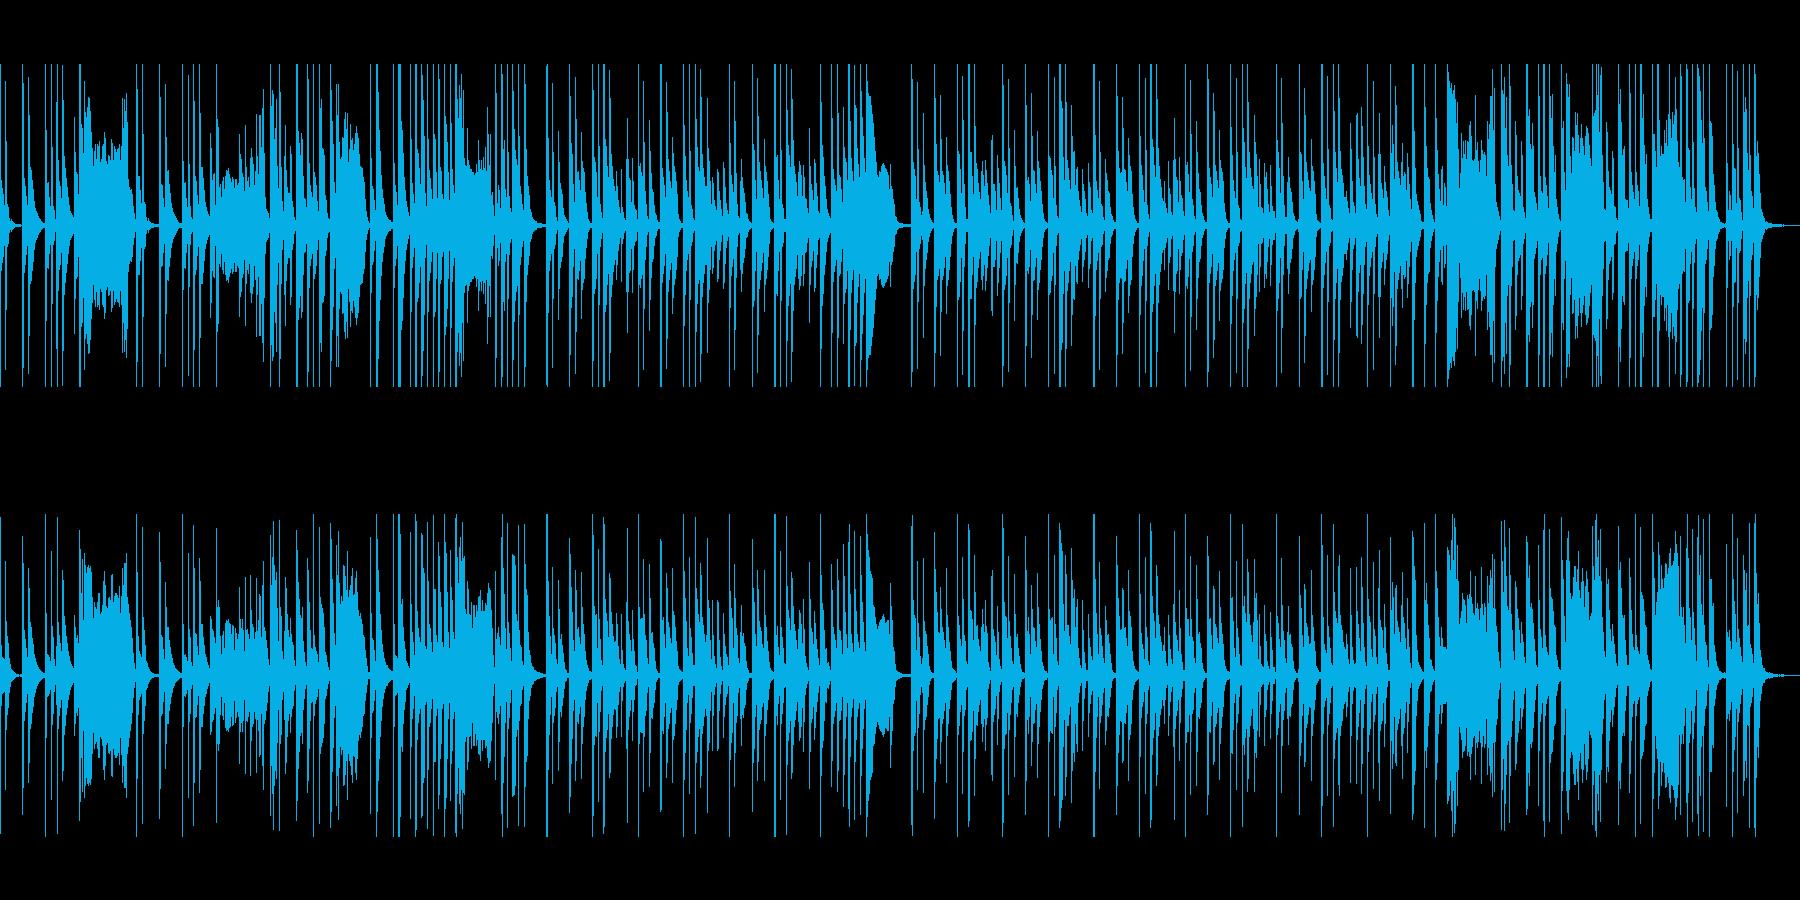 マリンバのコミカルで可愛いメロディの再生済みの波形